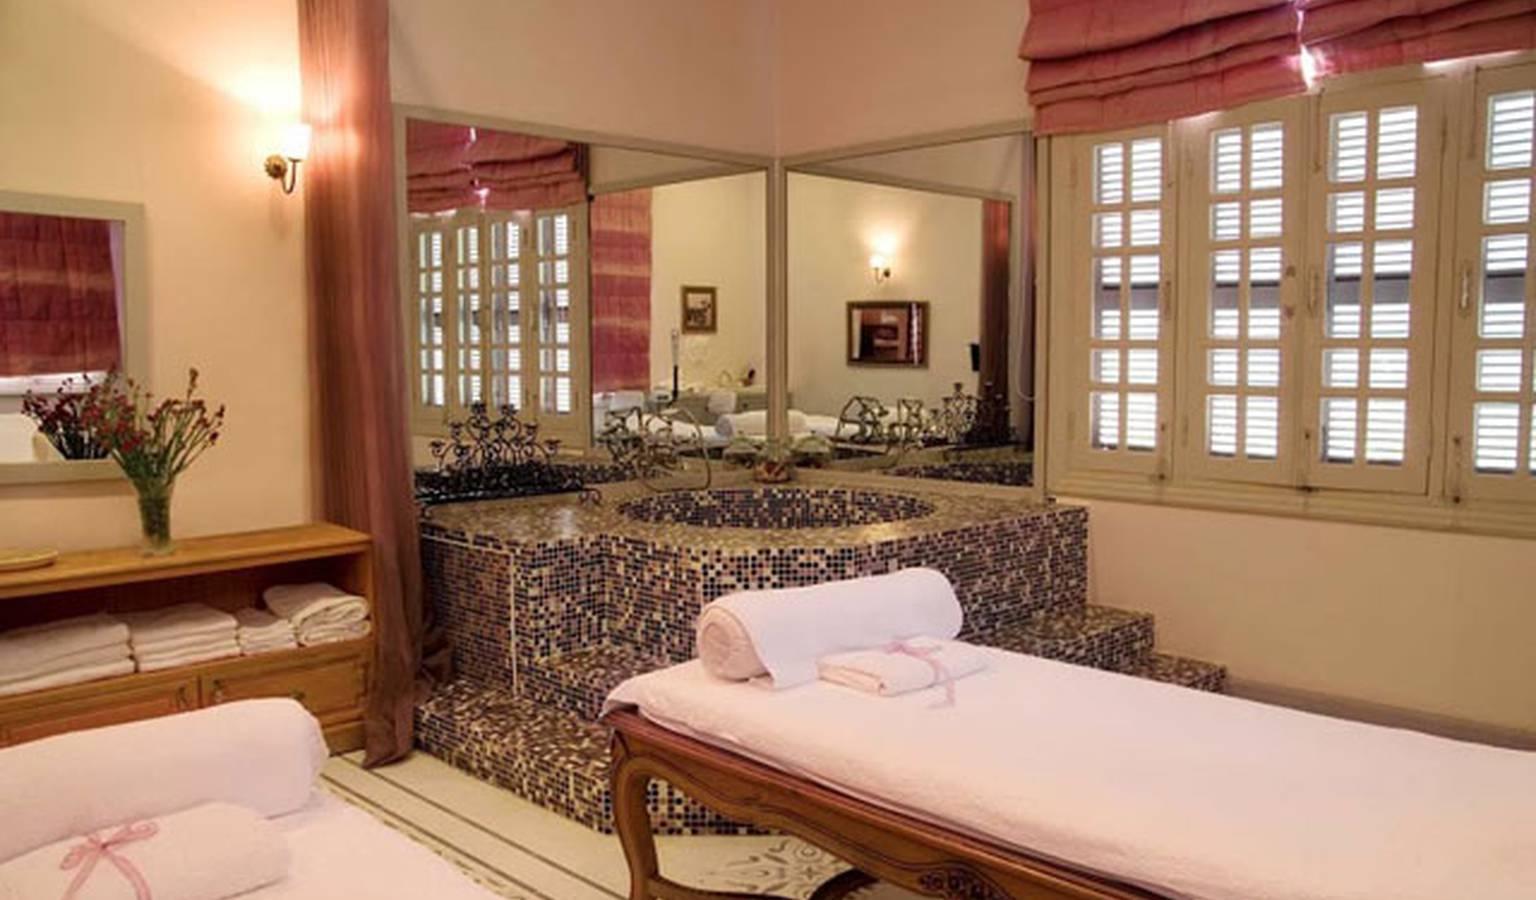 Spa Massage Body và dưỡng trắng toàn thân uy tín quận Phú Nhuận-Lapothiquaire Spa